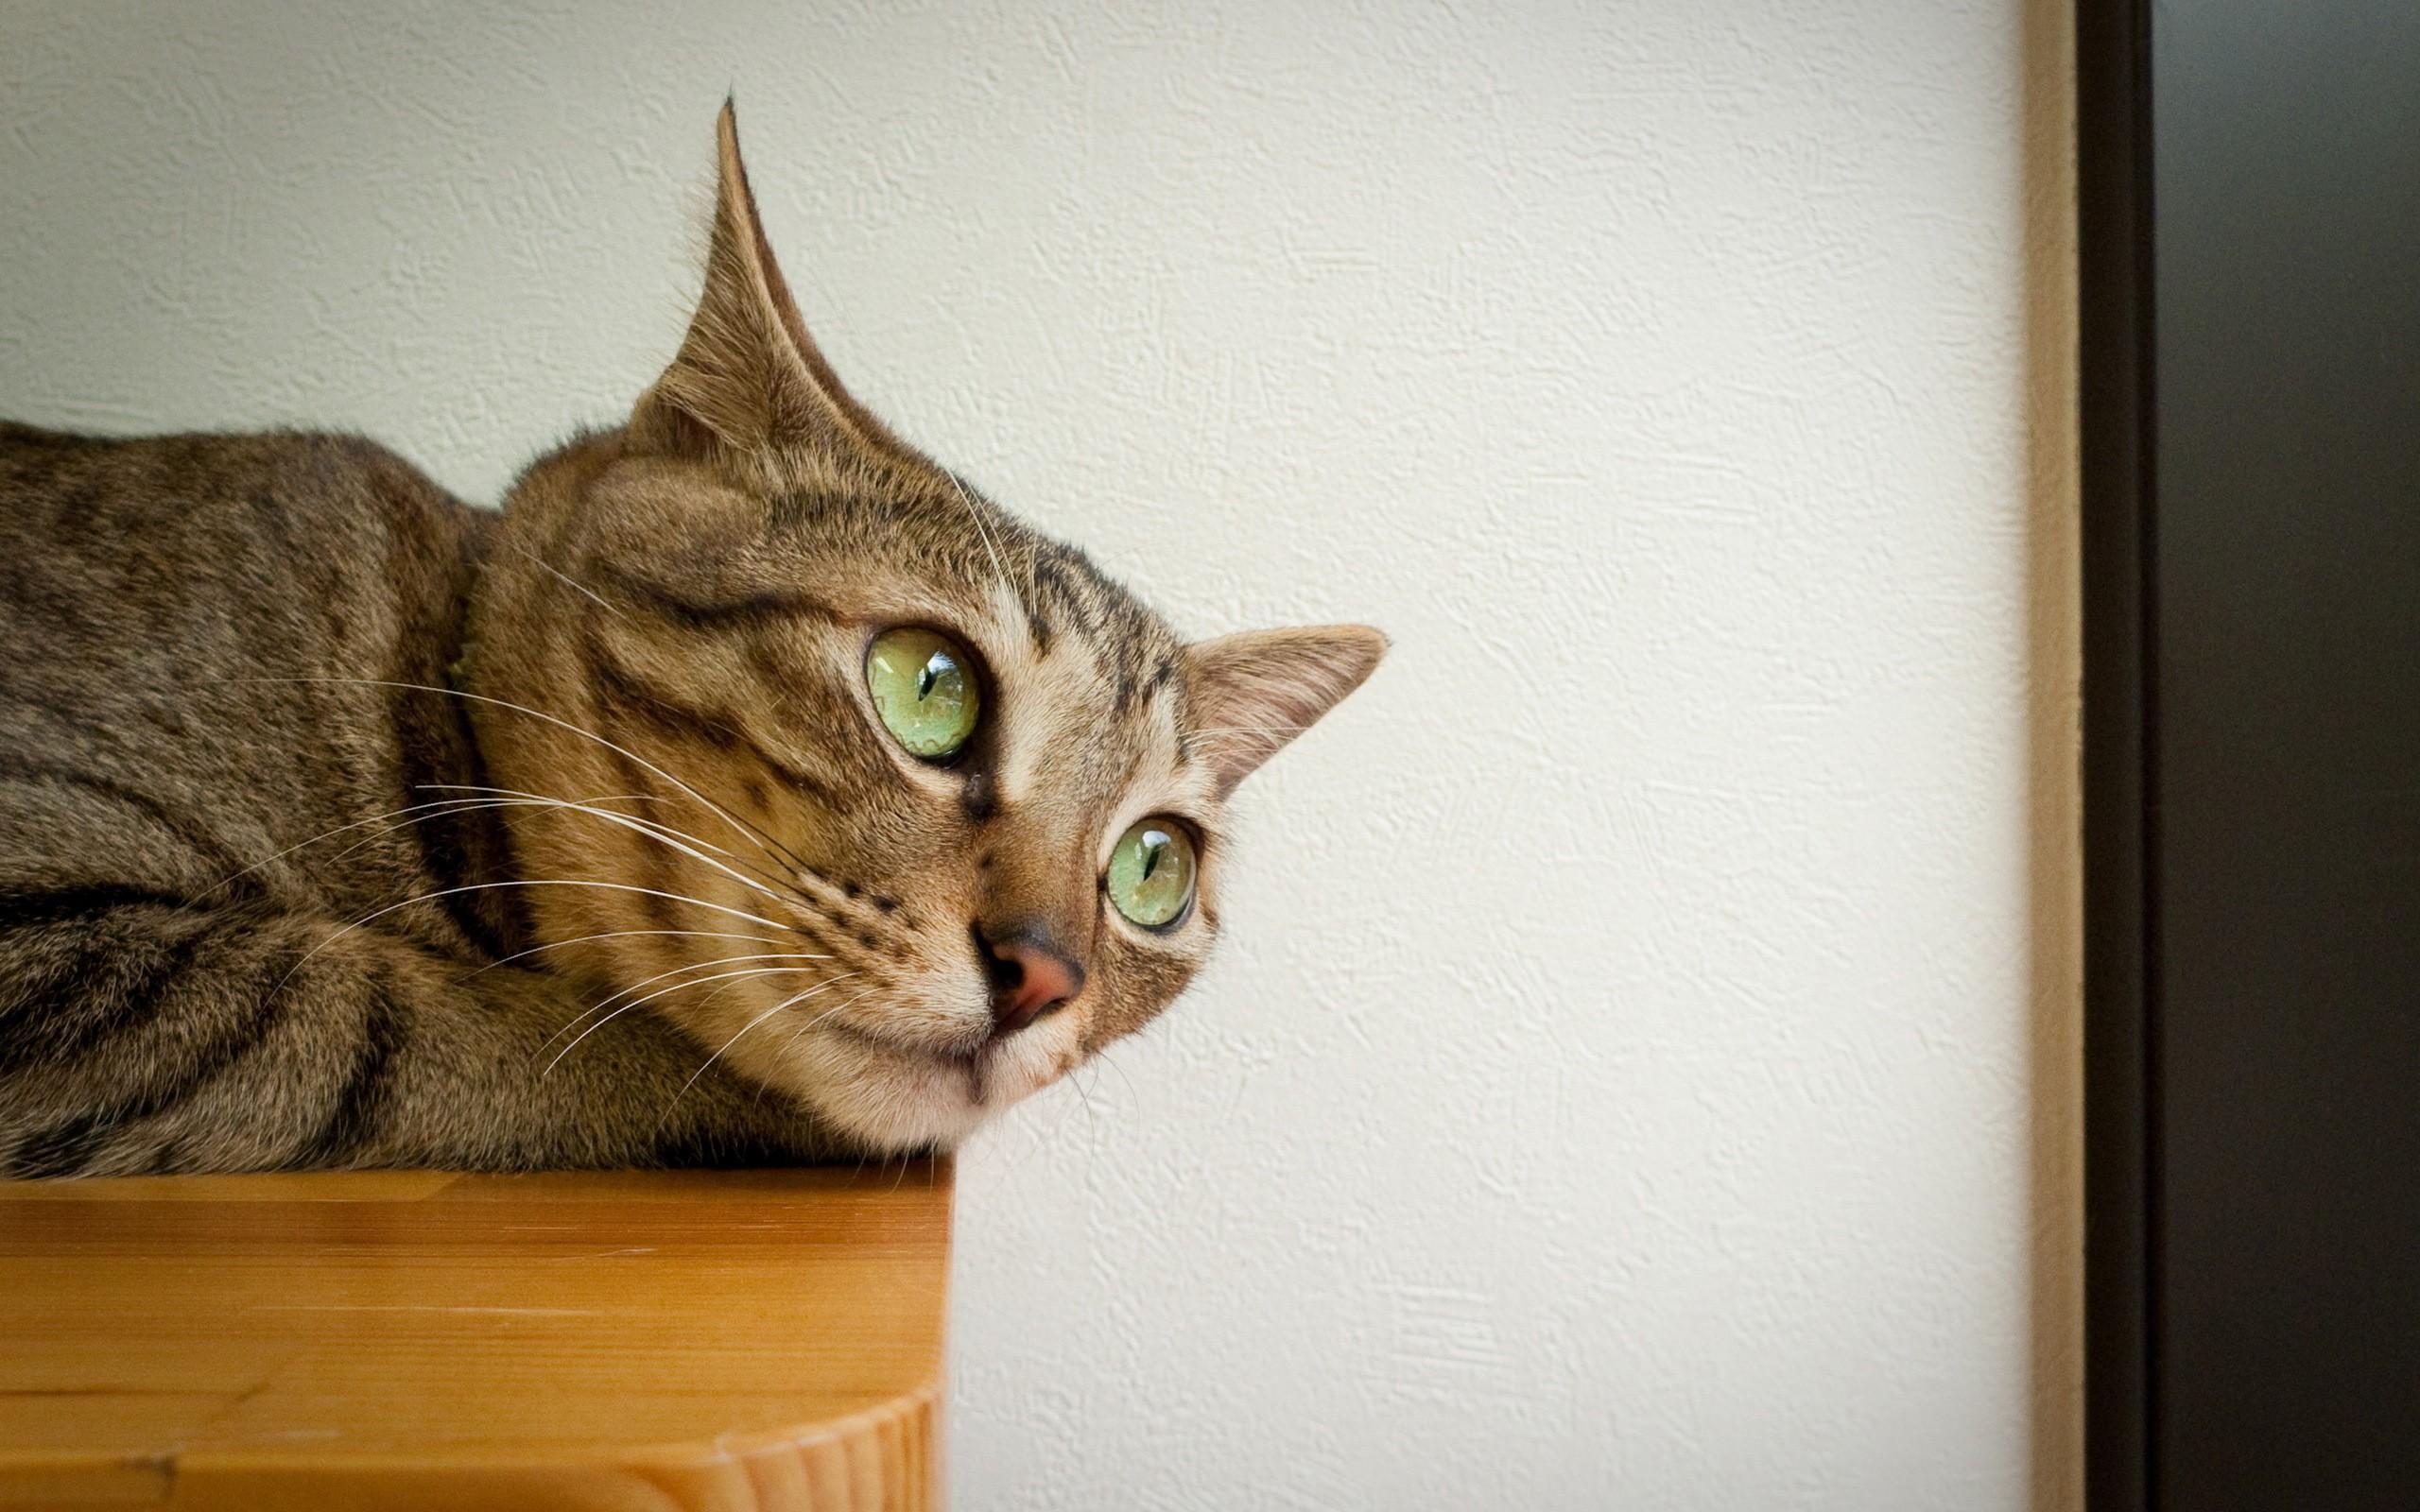 Un hermoso gato - 2560x1600